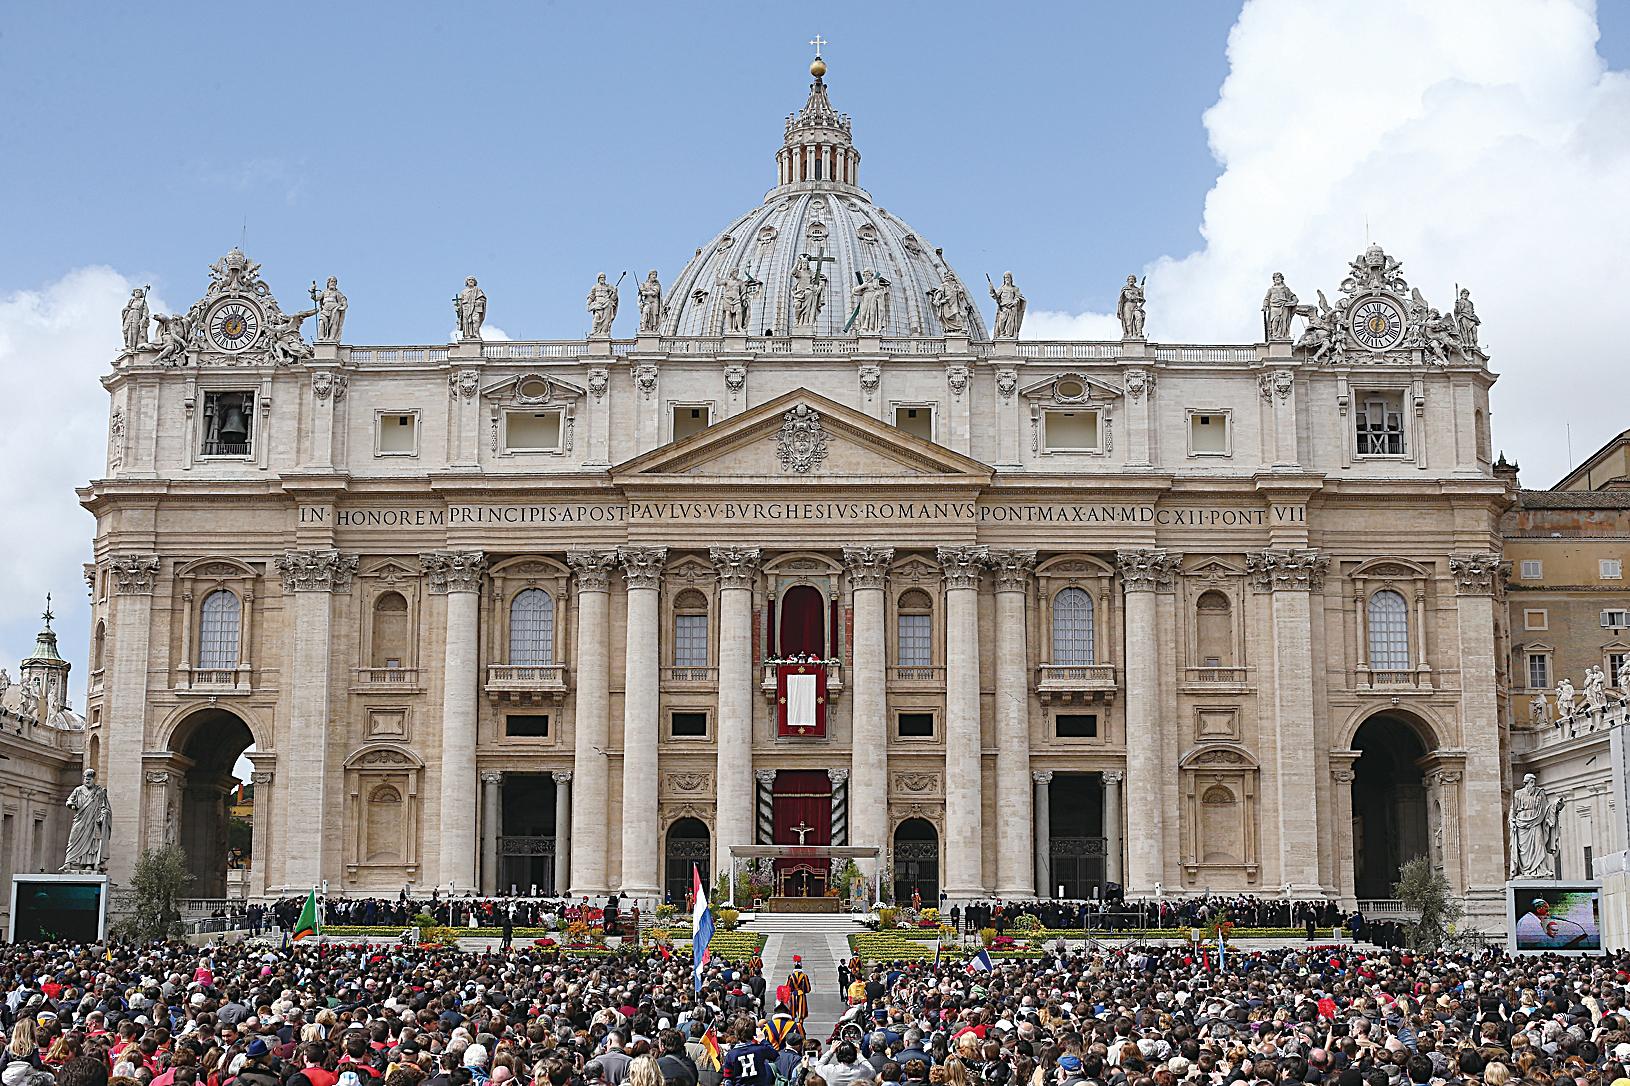 《米蘭晚郵報》2月18日報道,梵蒂岡即將在3月和中共簽署主教任命協議,距離教廷和中共建交更進一步。圖為梵蒂岡城的聖彼得大教堂。 (Dan Kitwood/Getty Images)